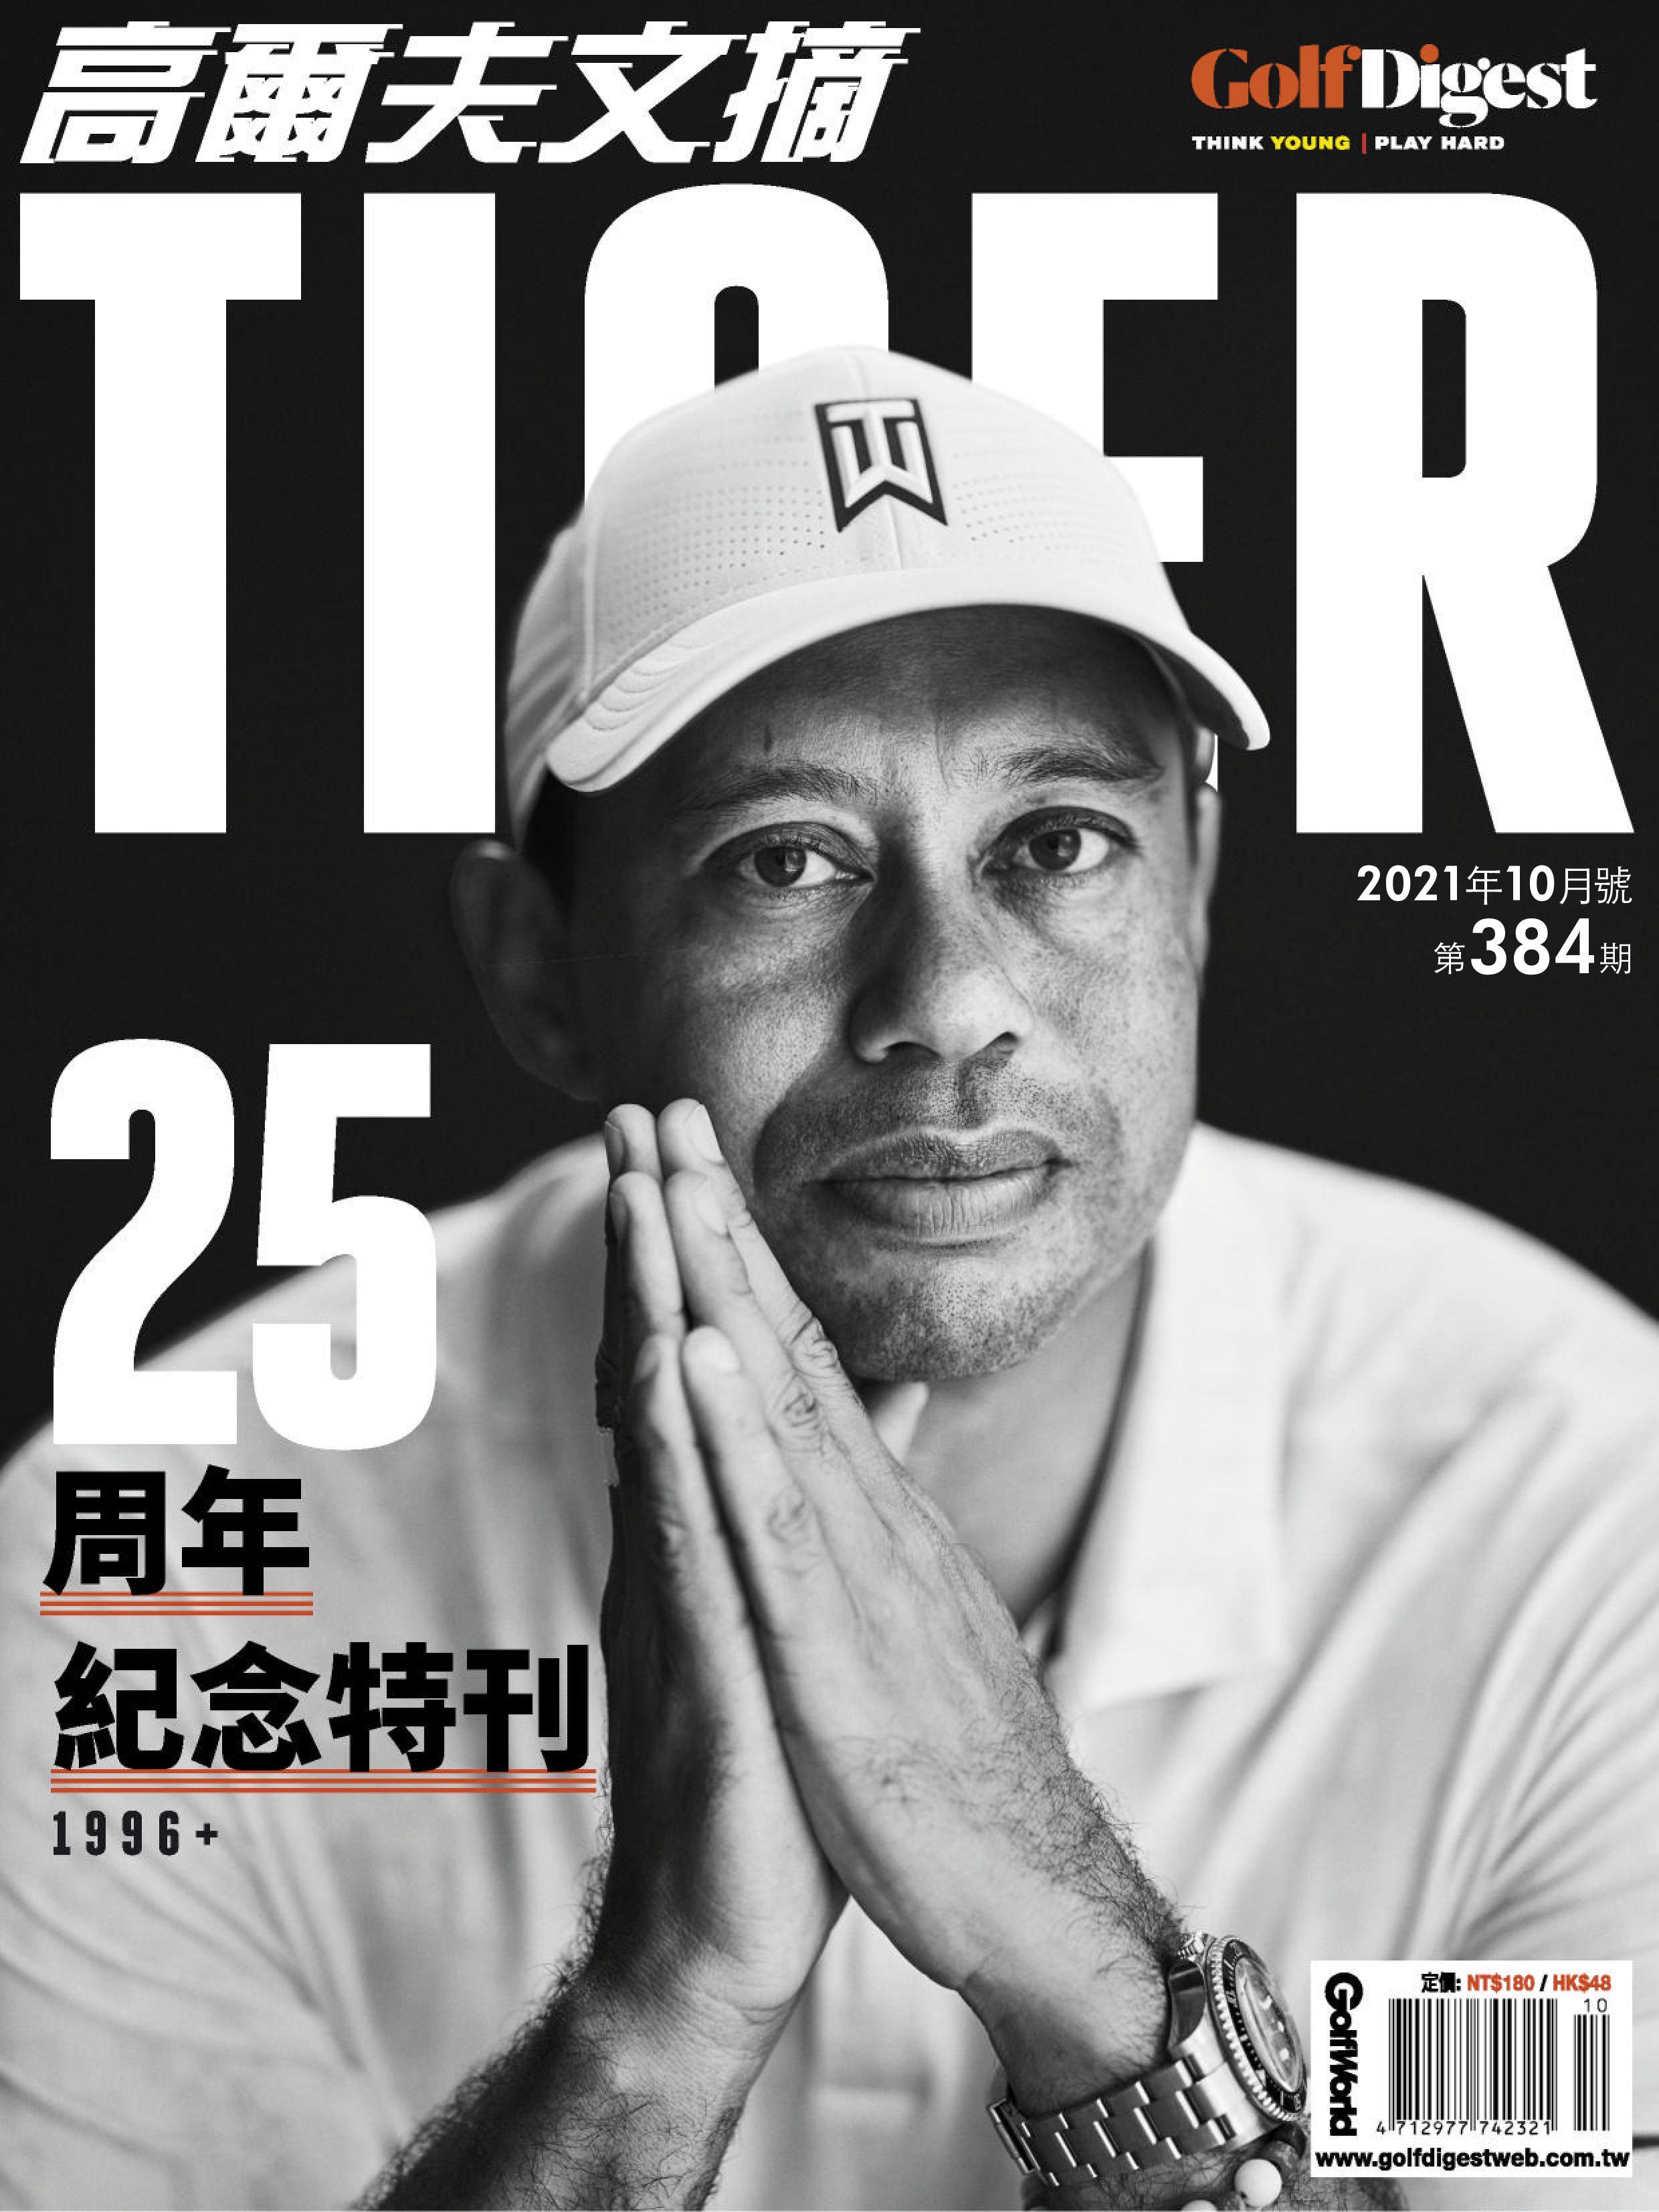 Golf Digest Taiwan 高爾夫文摘 - 十月 2021